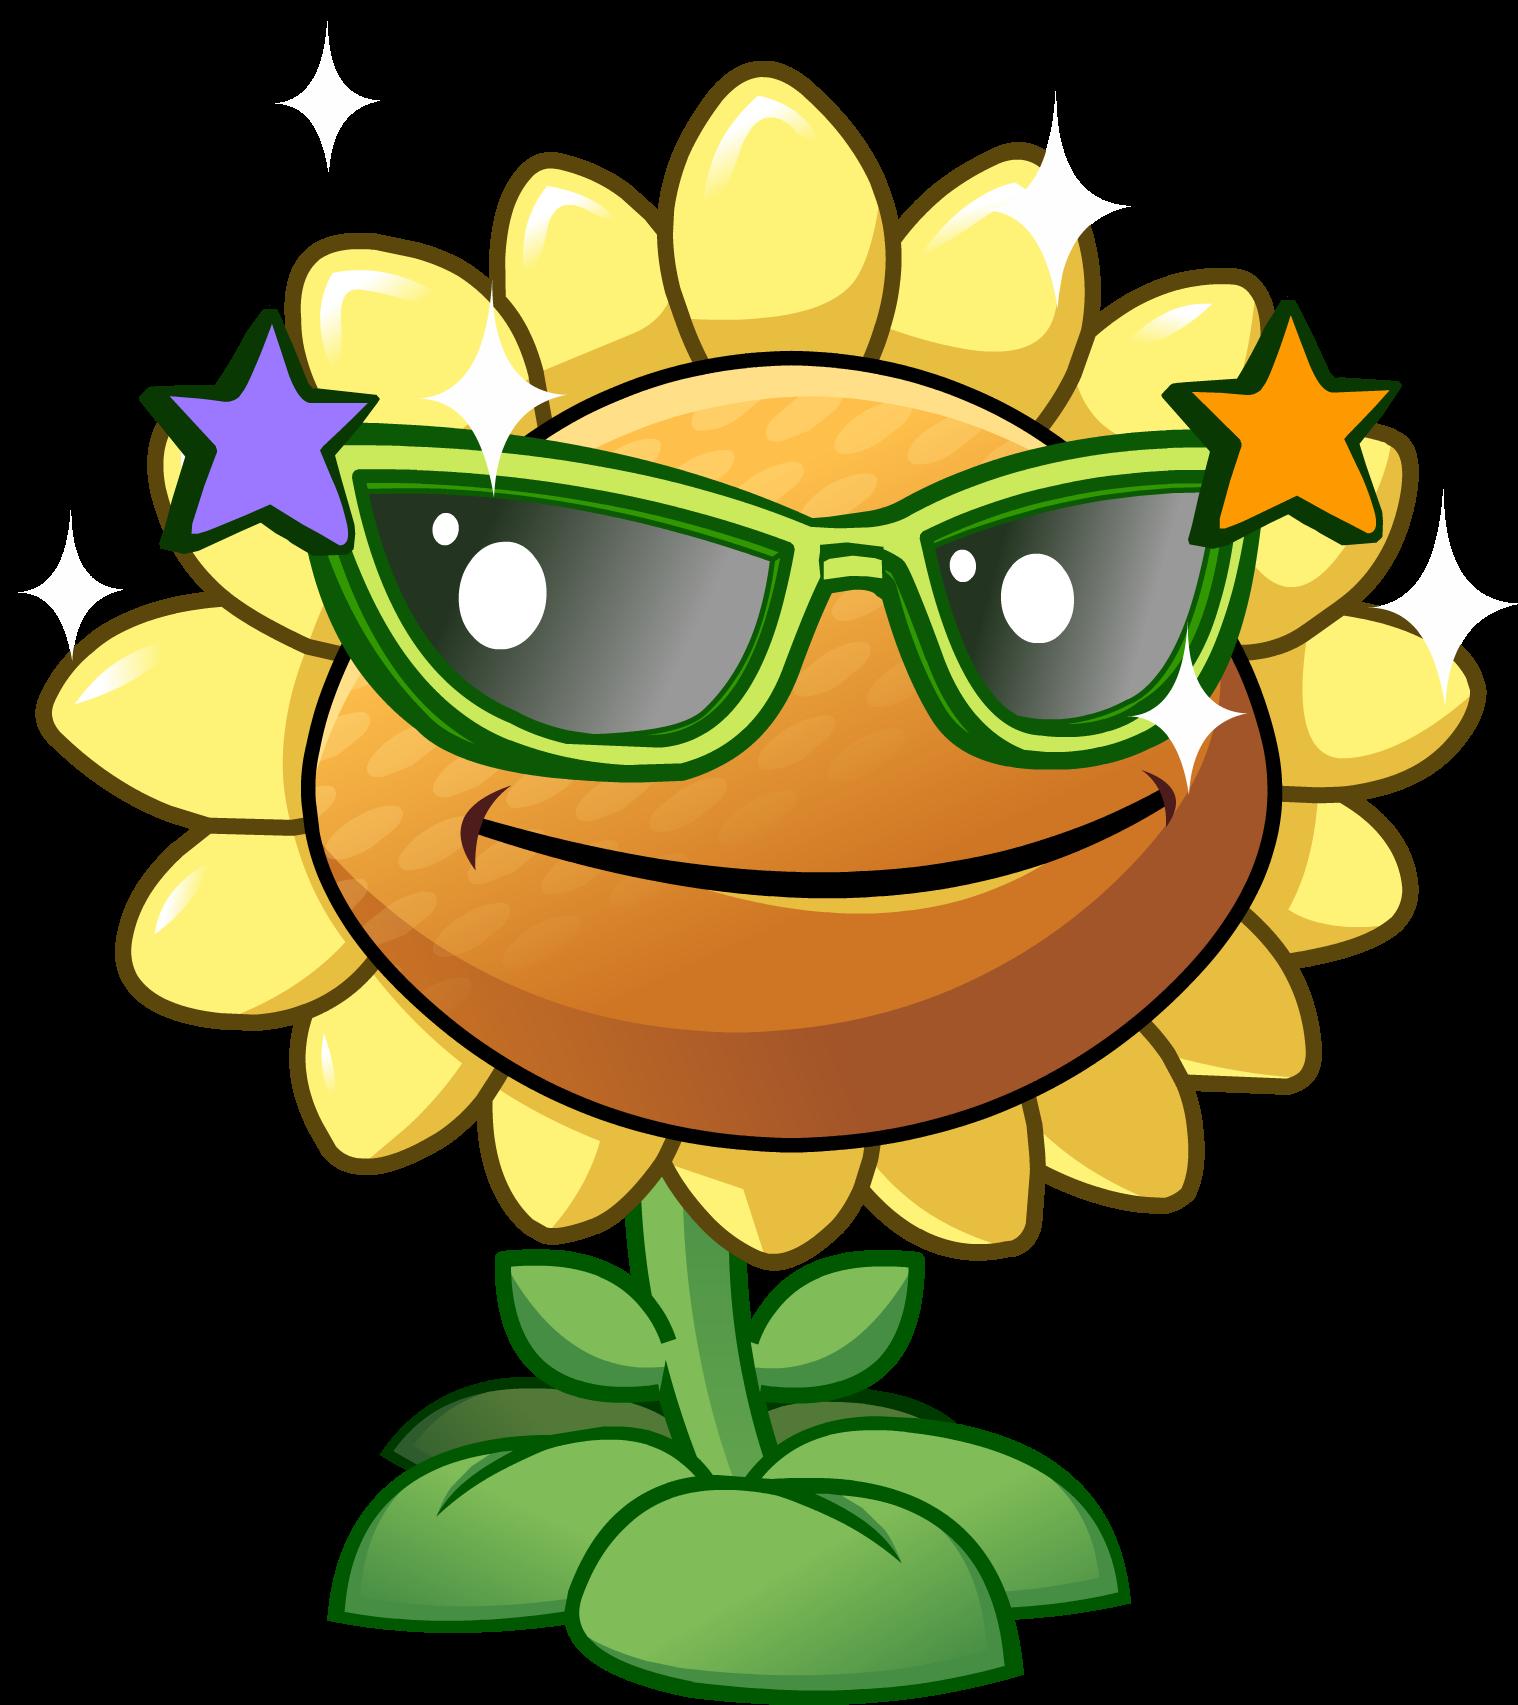 Image  SunflowerCostumeonlinepng  Plants vs Zombies Wiki